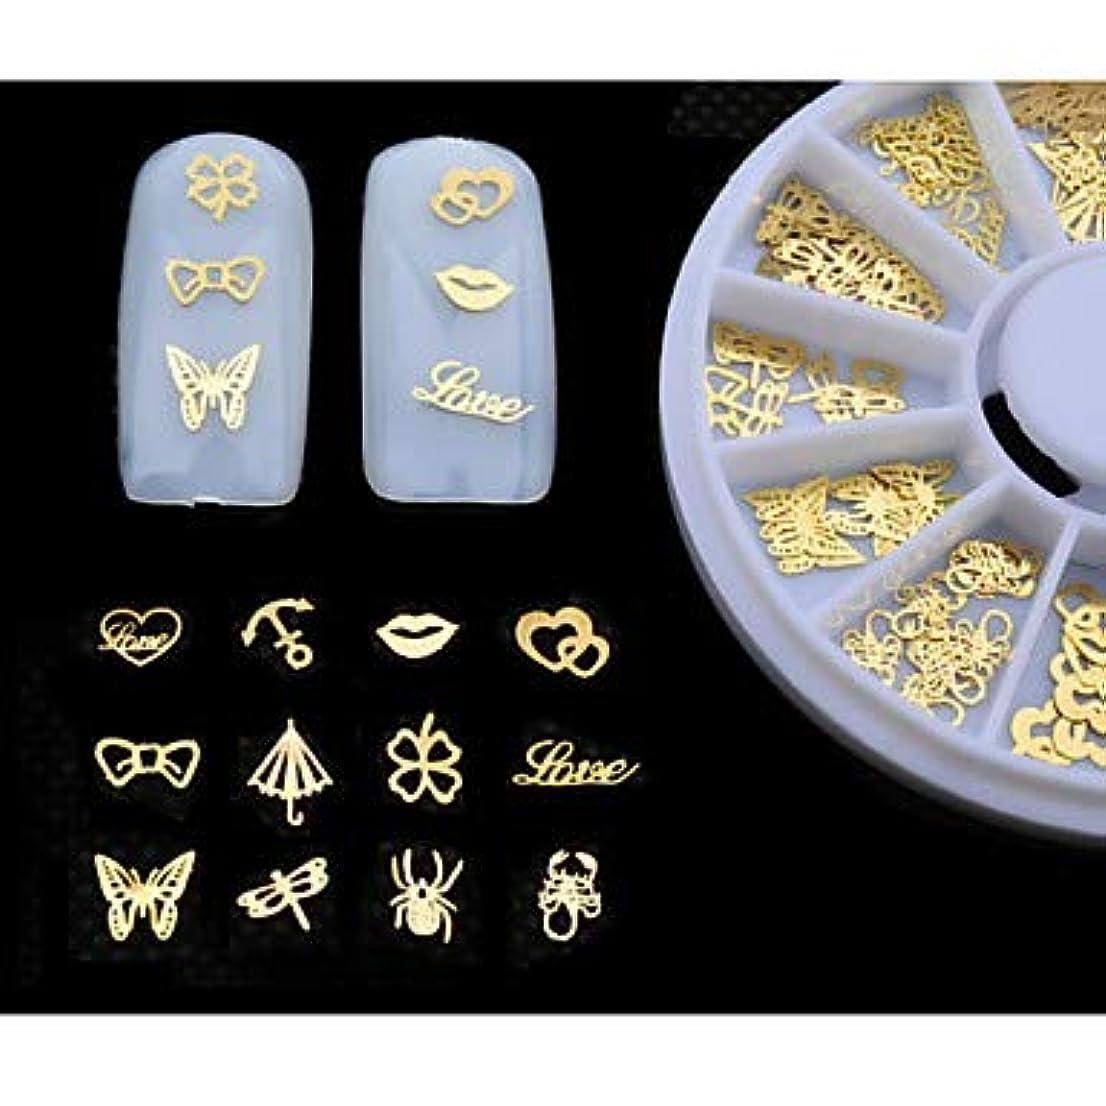 コテージ両方第四3dゴールドメタルネイルアートステッカーデコレーションホイール蝶唇デザイン小さなスライスdiyネイルアクセサリー